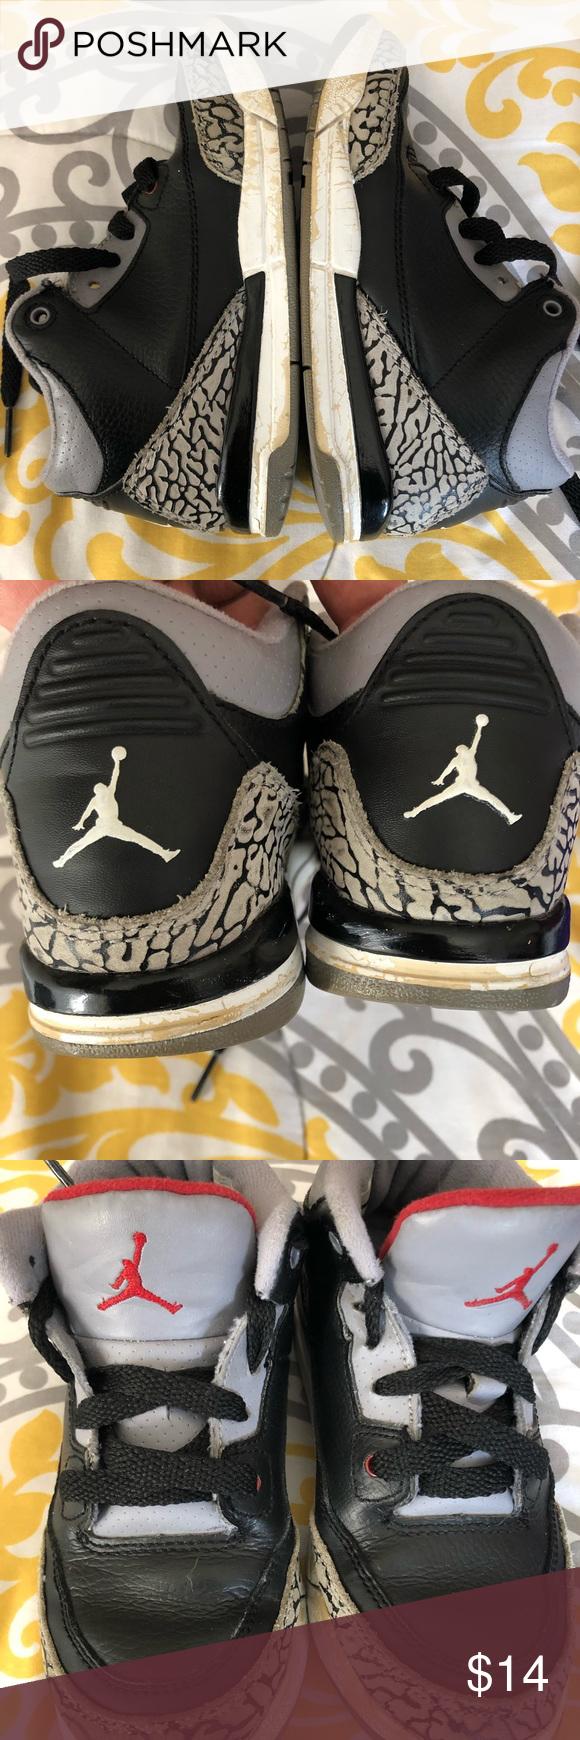 """Nike Air Jordan 3 """"Black Cement"""